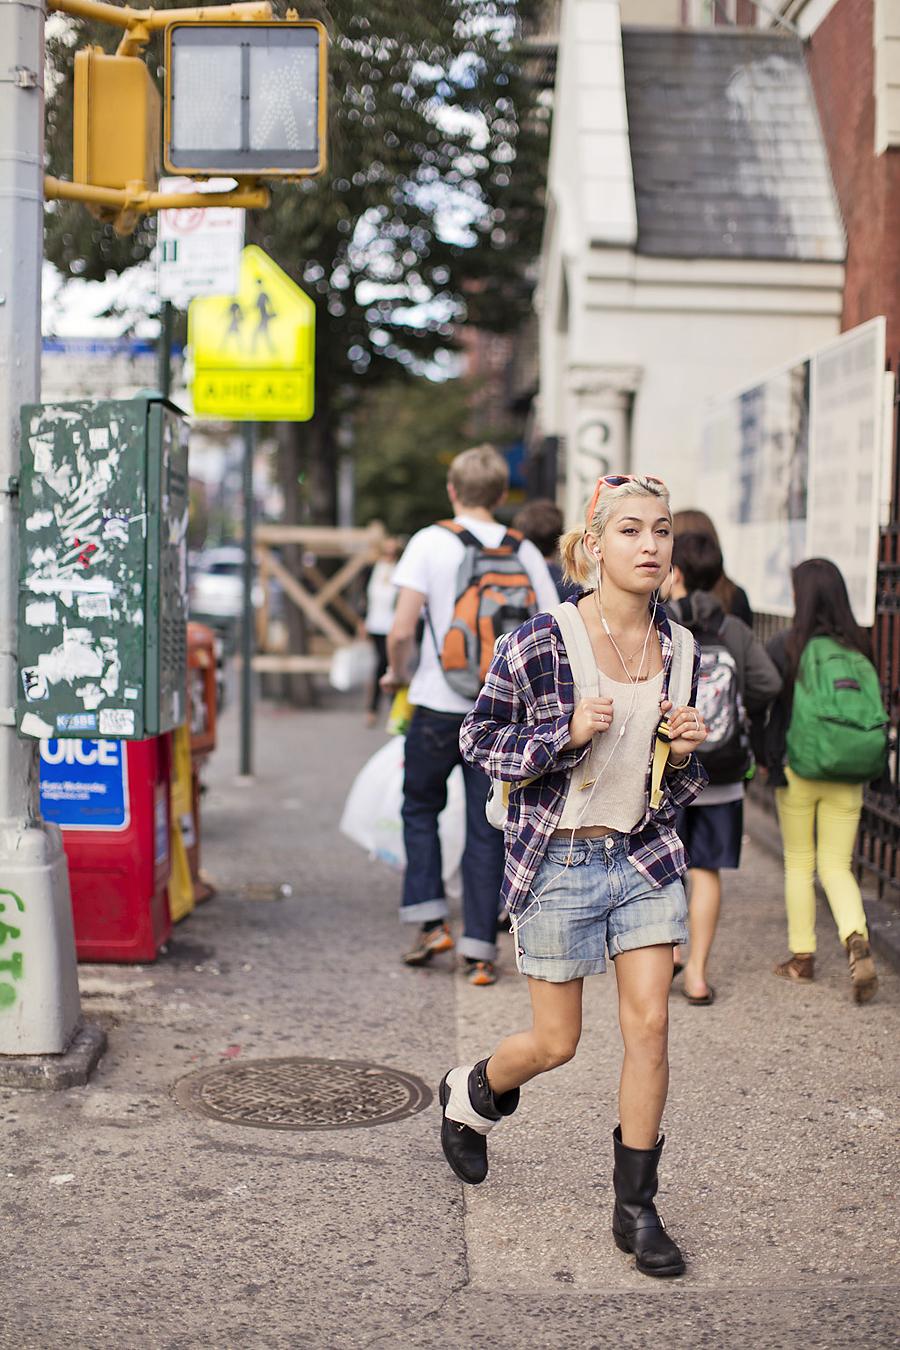 haslien-blogg-jeanett-new-york-inspirasjonstur-sarpsborg-reiseblogg-fotografi-09